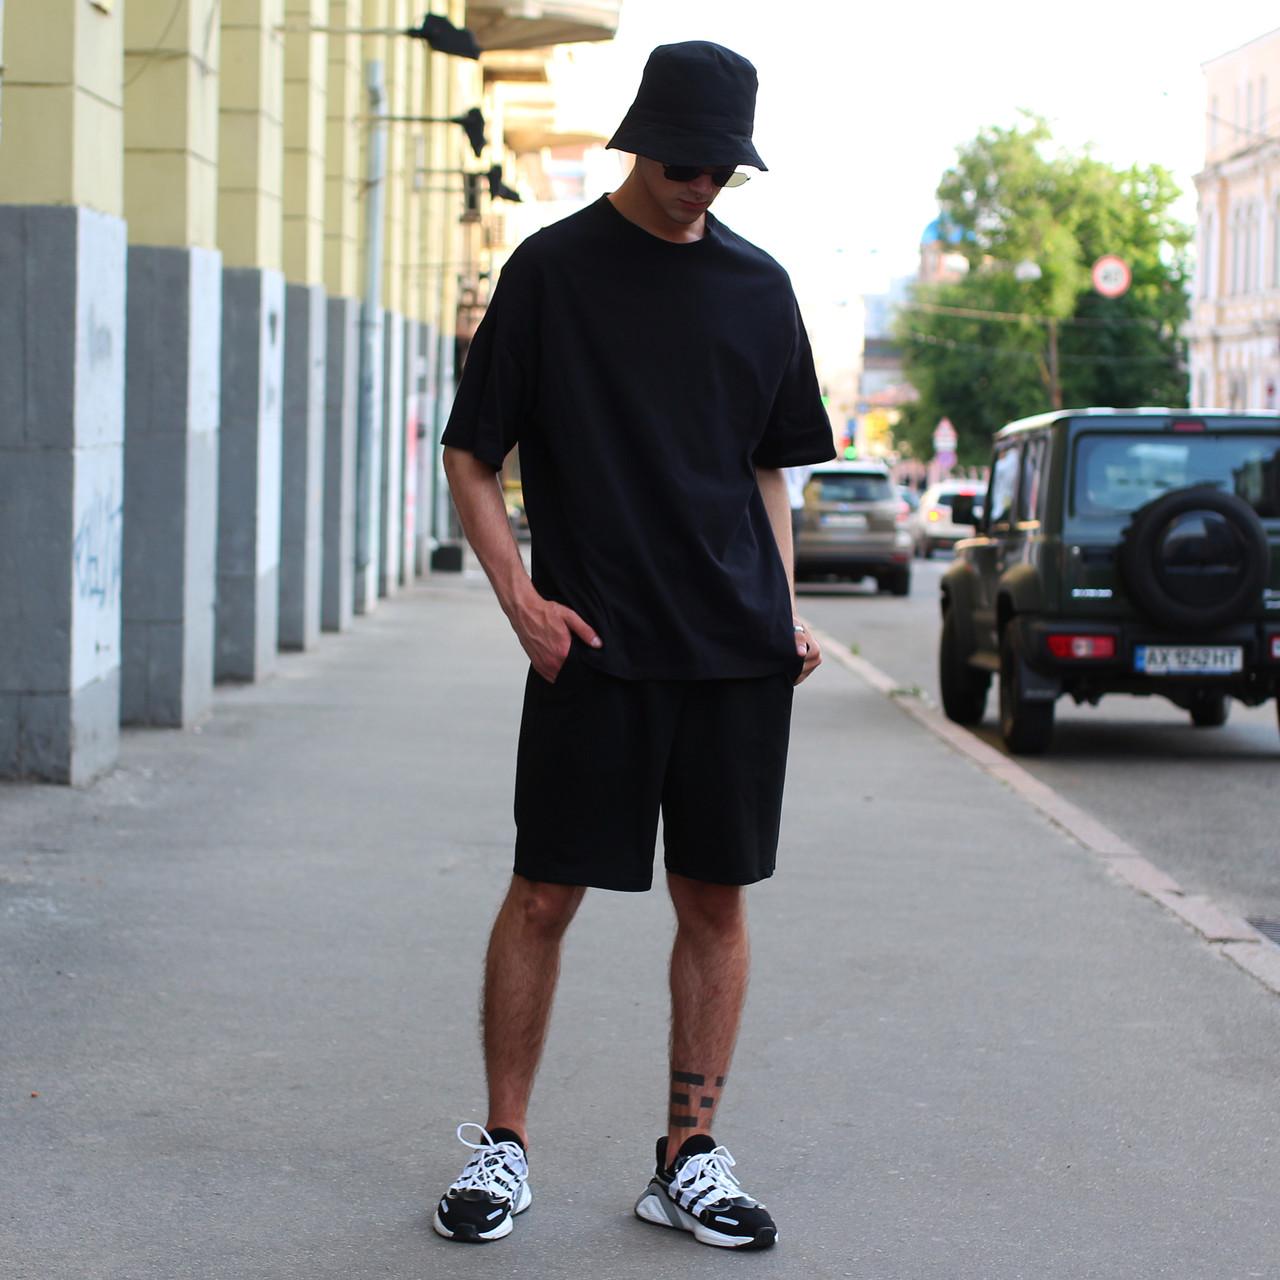 Летний комплект чёрная футболка мужская Quil (Квин) и чёрные шорты мужские Duncan (Дункан) TURWEAR